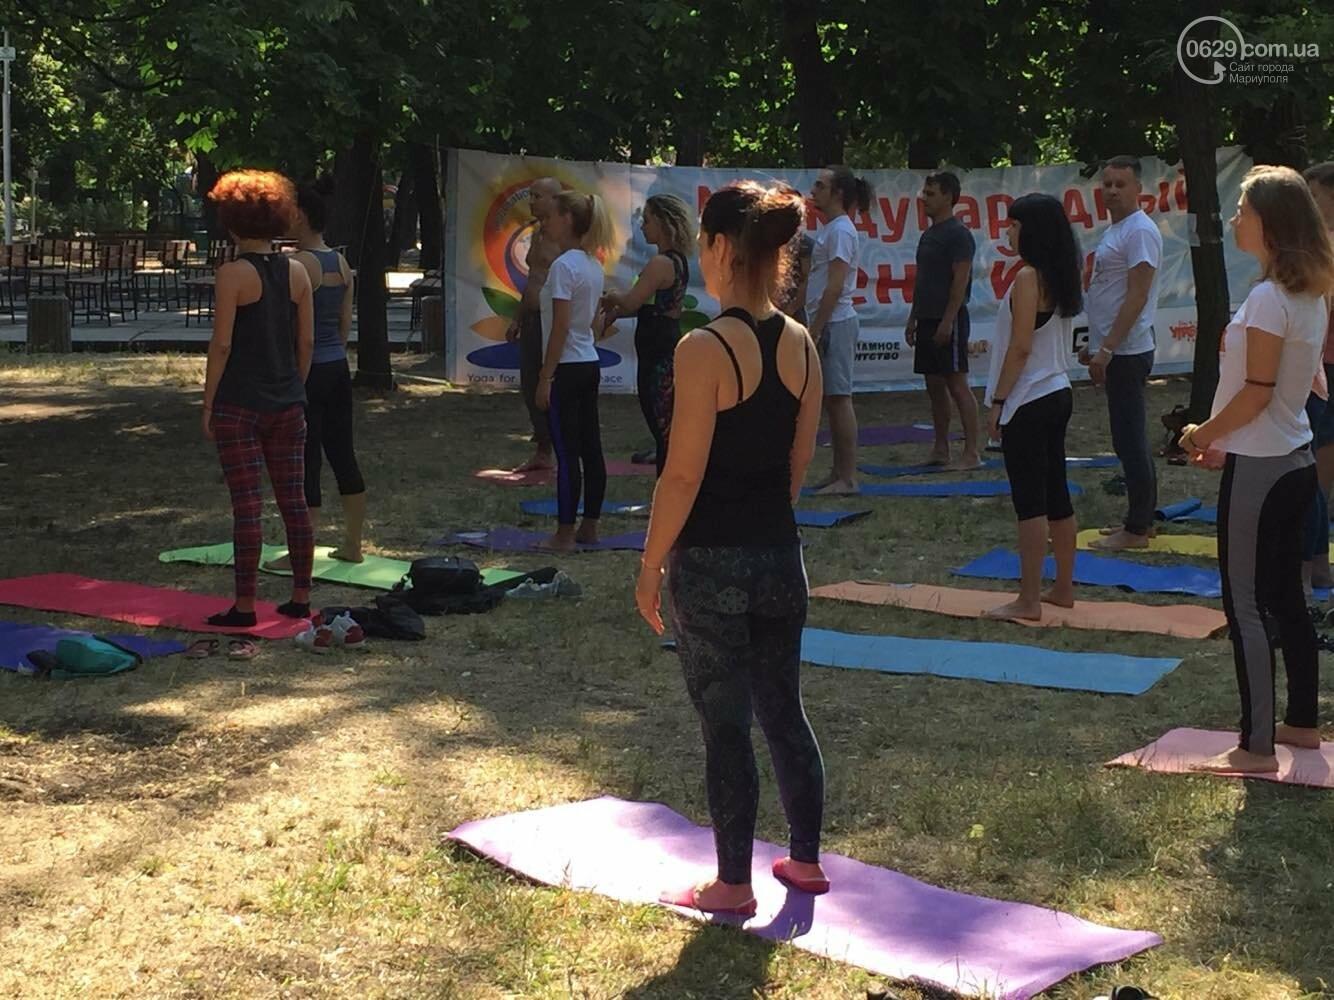 В Мариуполе отпраздновали Международный День йоги, - ФОТО, ВИДЕО, фото-1